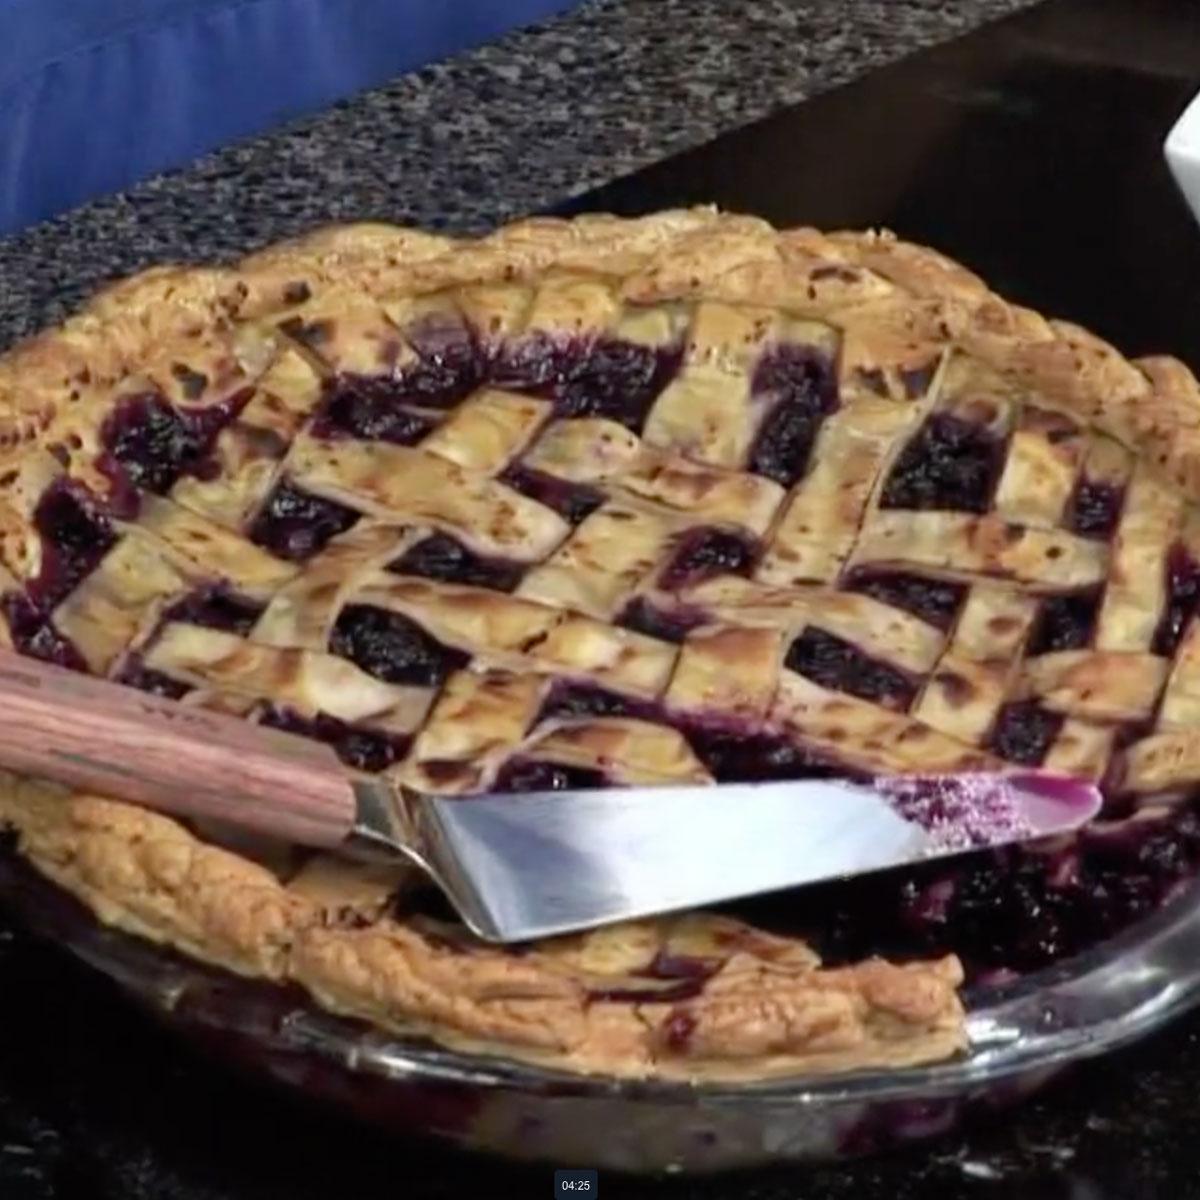 Blueberry + Apple Pie - WCSH's 207August 21, 2017